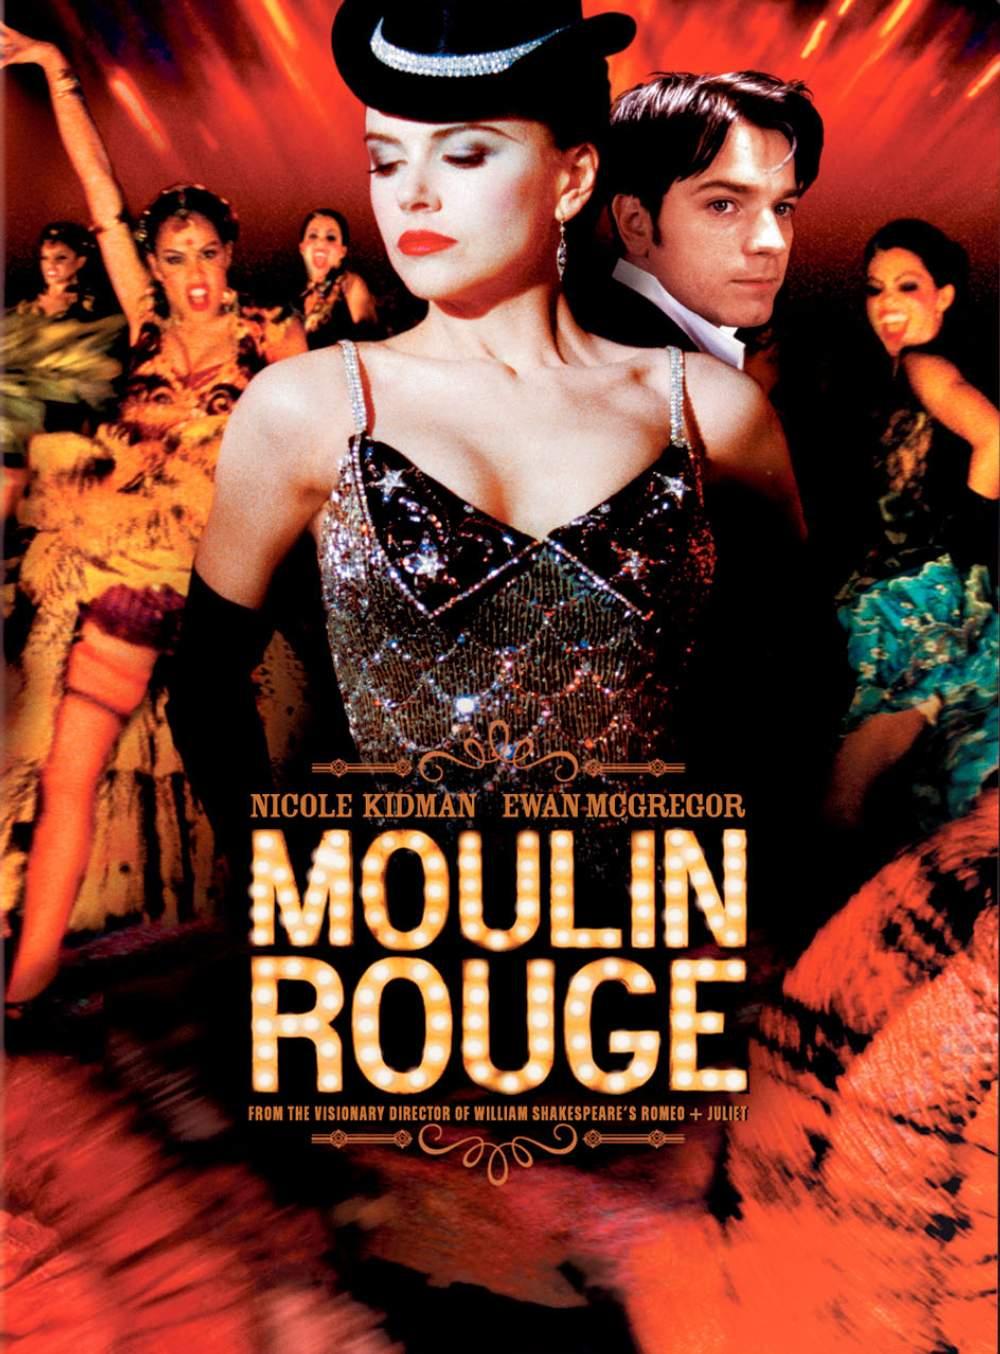 მულენ რუჟი (ქართულად) Moulin Rouge! / Мулен Руж